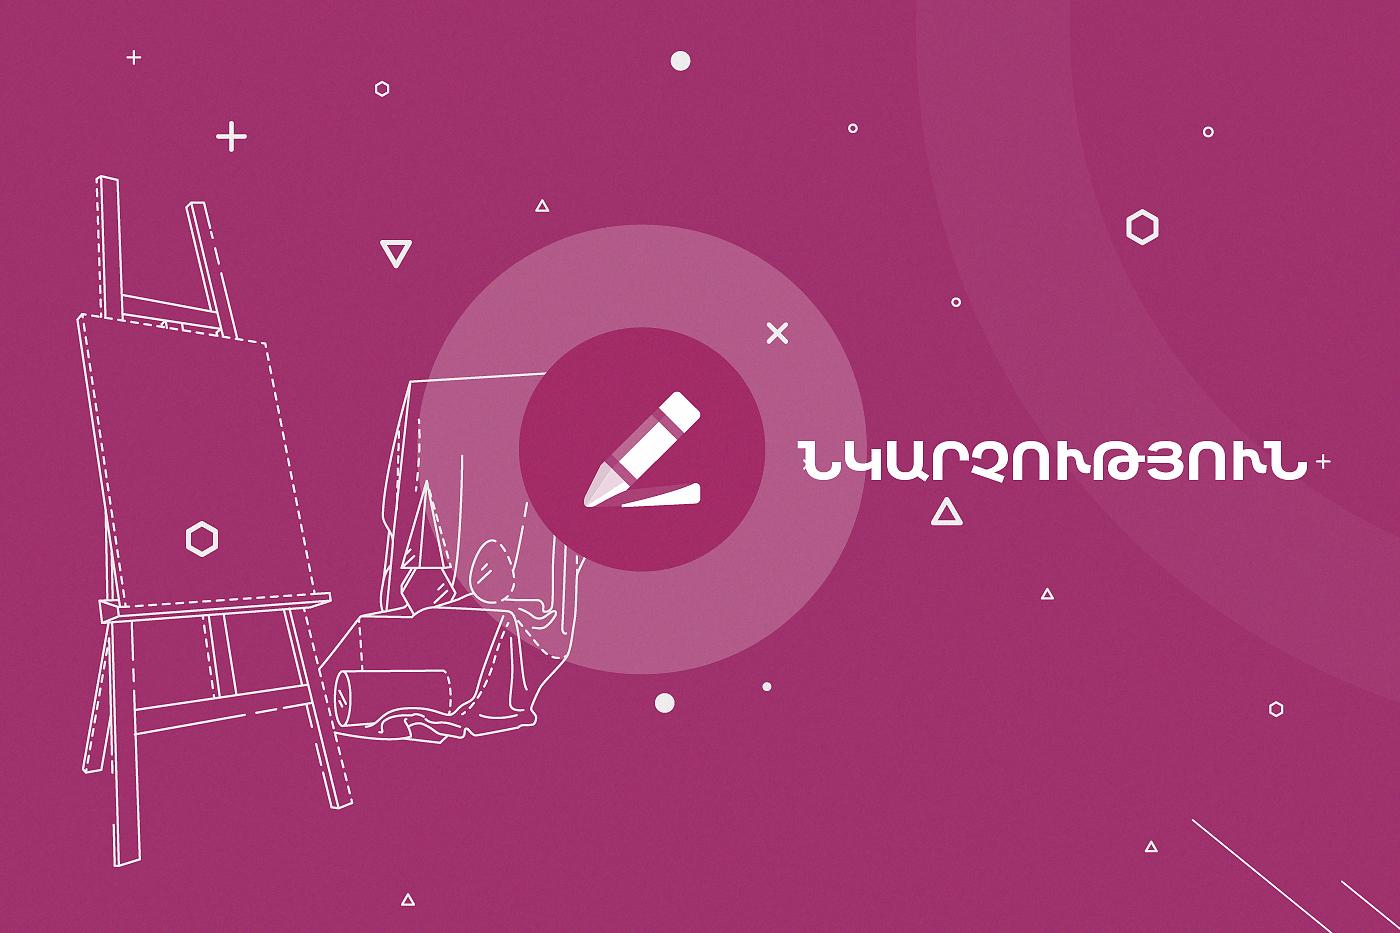 drawing - Երևանը շարժման մեջ Տաթևիկ Ավետիսյանի հետ